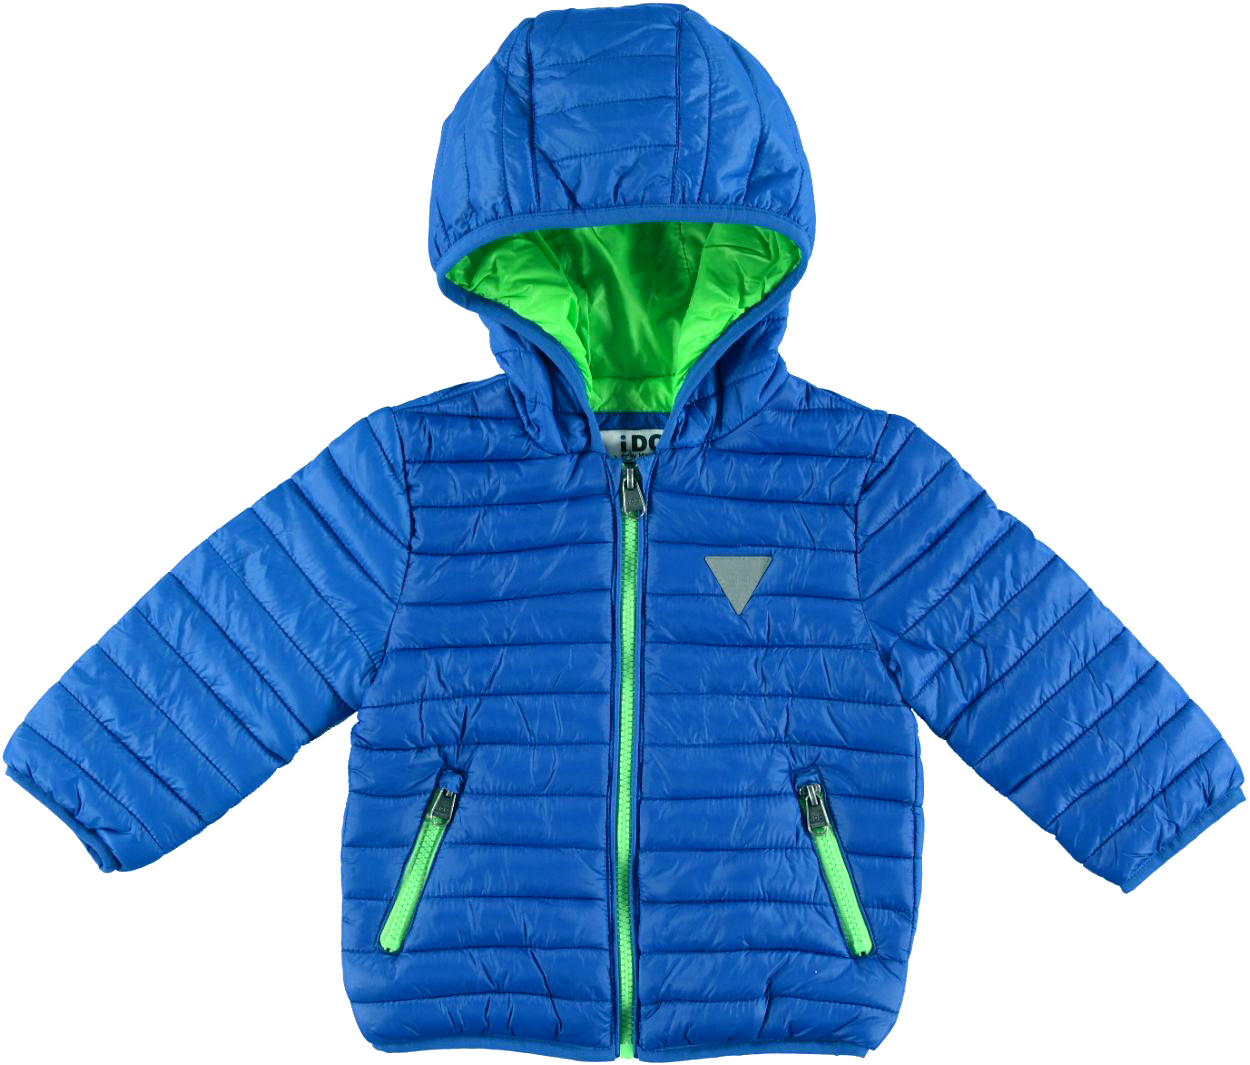 new style 3257a b2984 Piumino leggero bambino con trapunta orizzontale vestibilità da 6 a 36 mesi  iDO